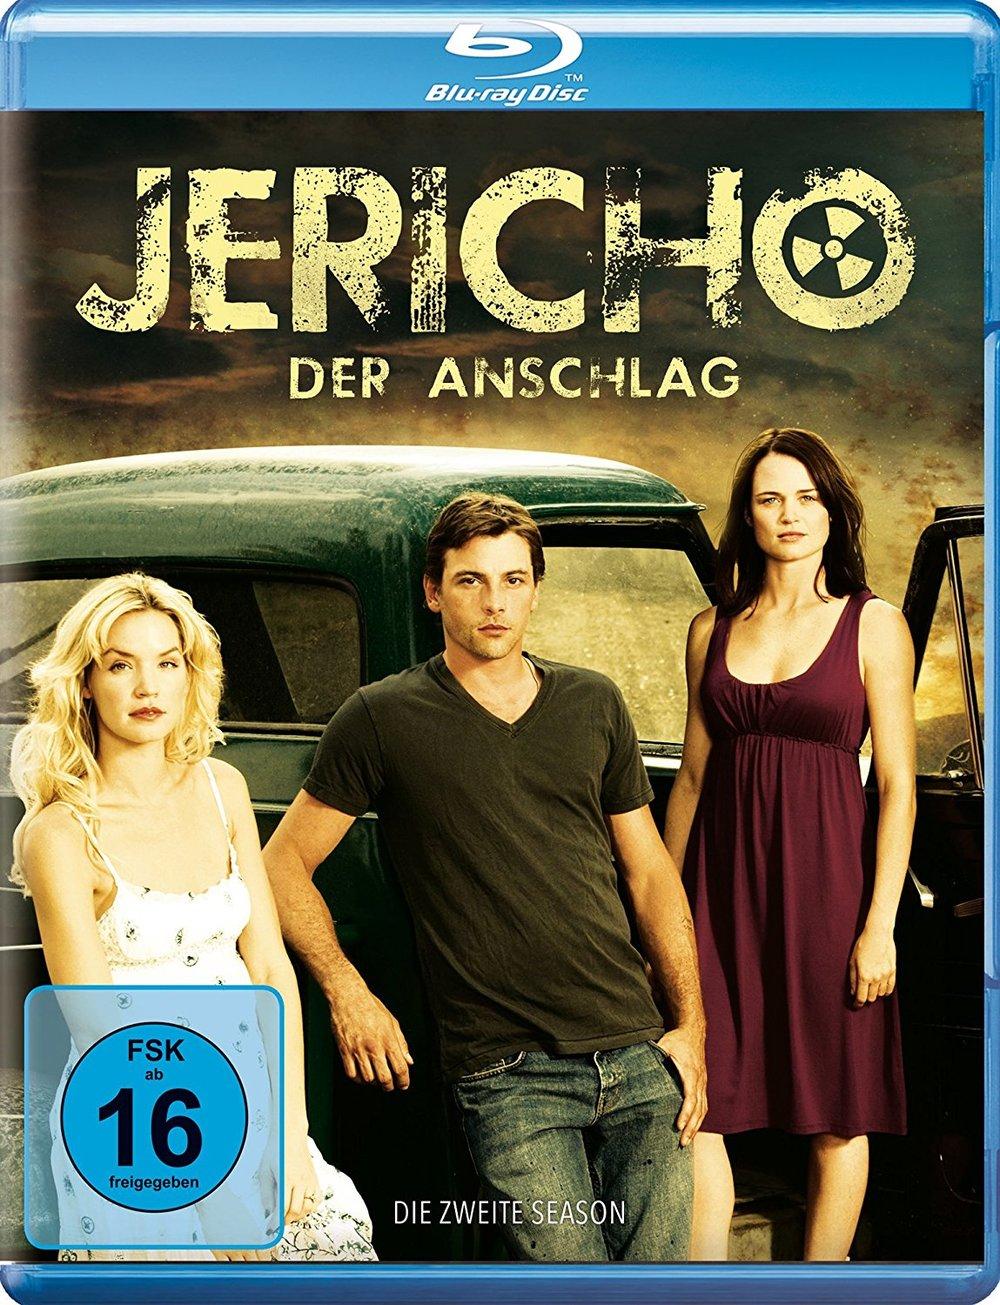 """Wir verlosen Staffel 2 der Serie """"Jericho - Der Anschlag"""" auf Blu-ray"""